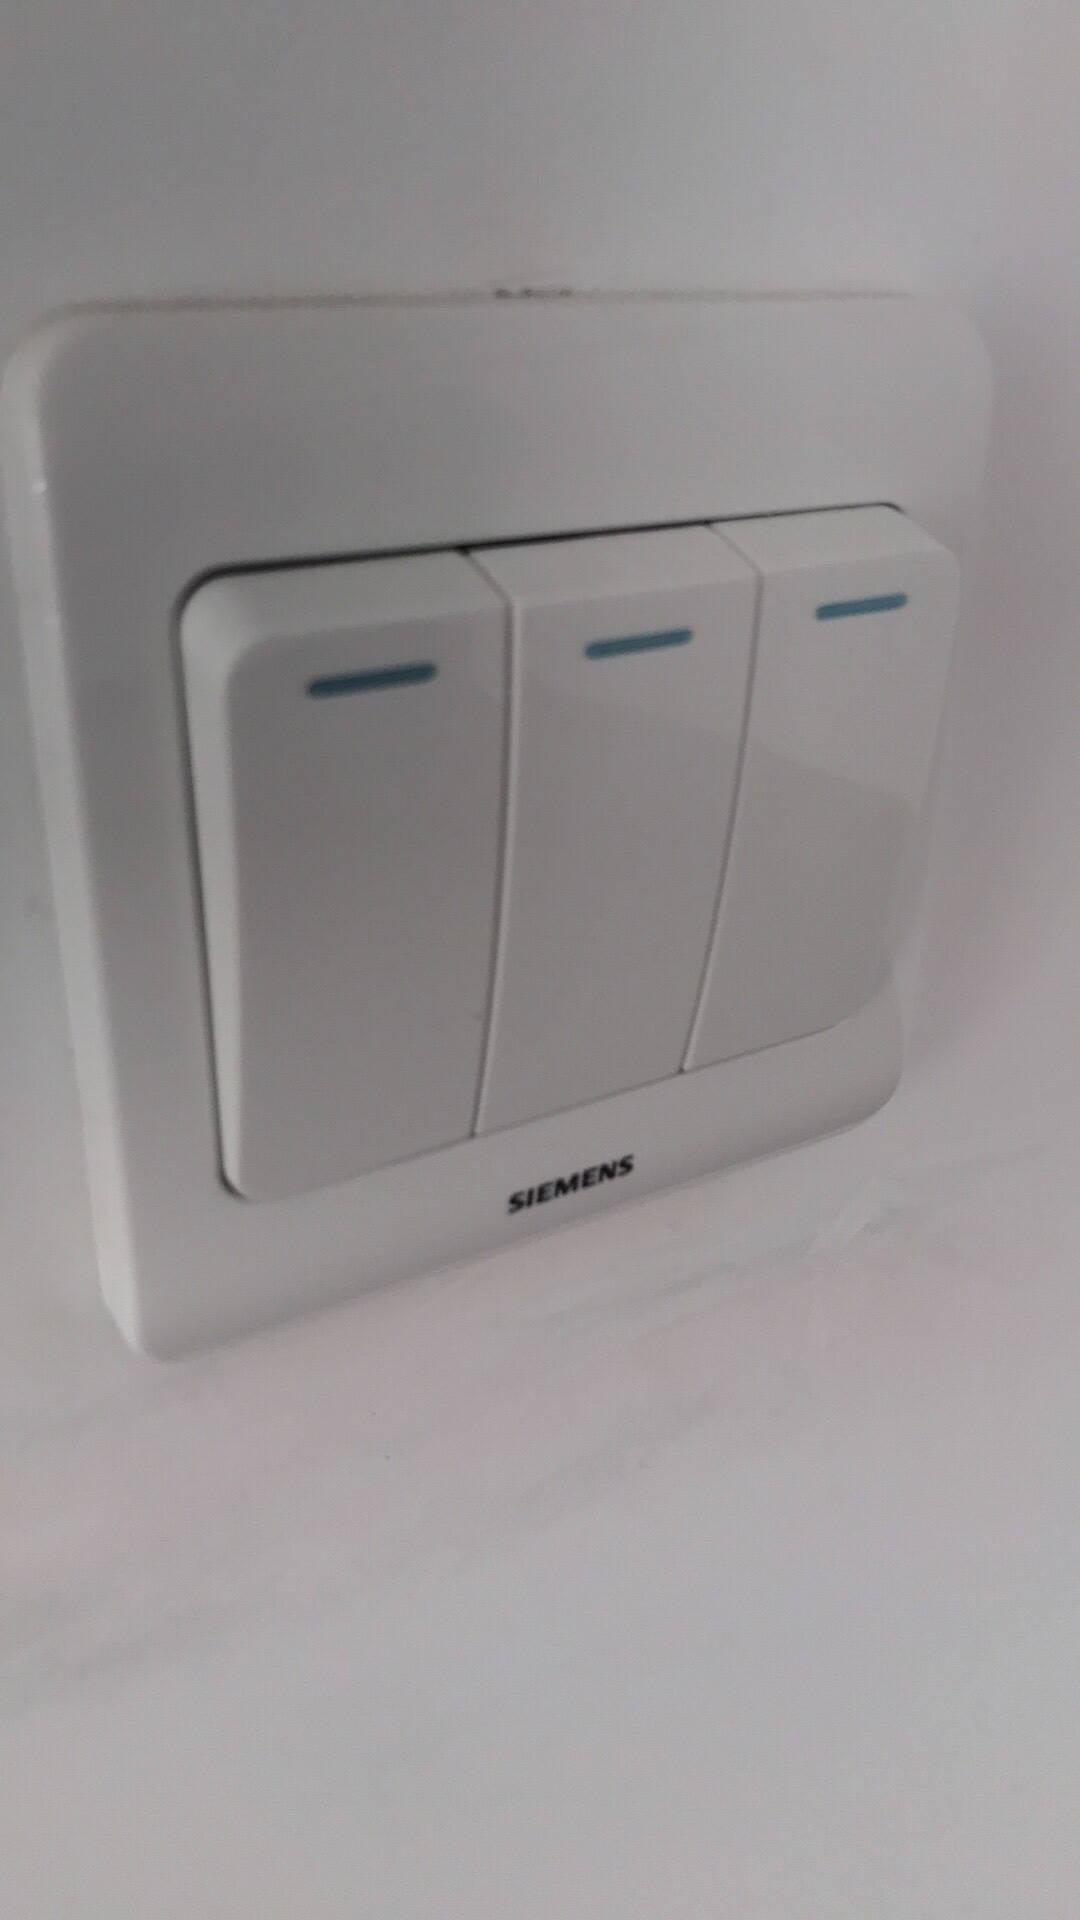 西门子(SIEMENS)开关插座一开单控带荧光面板86型暗装面板远景雅白色